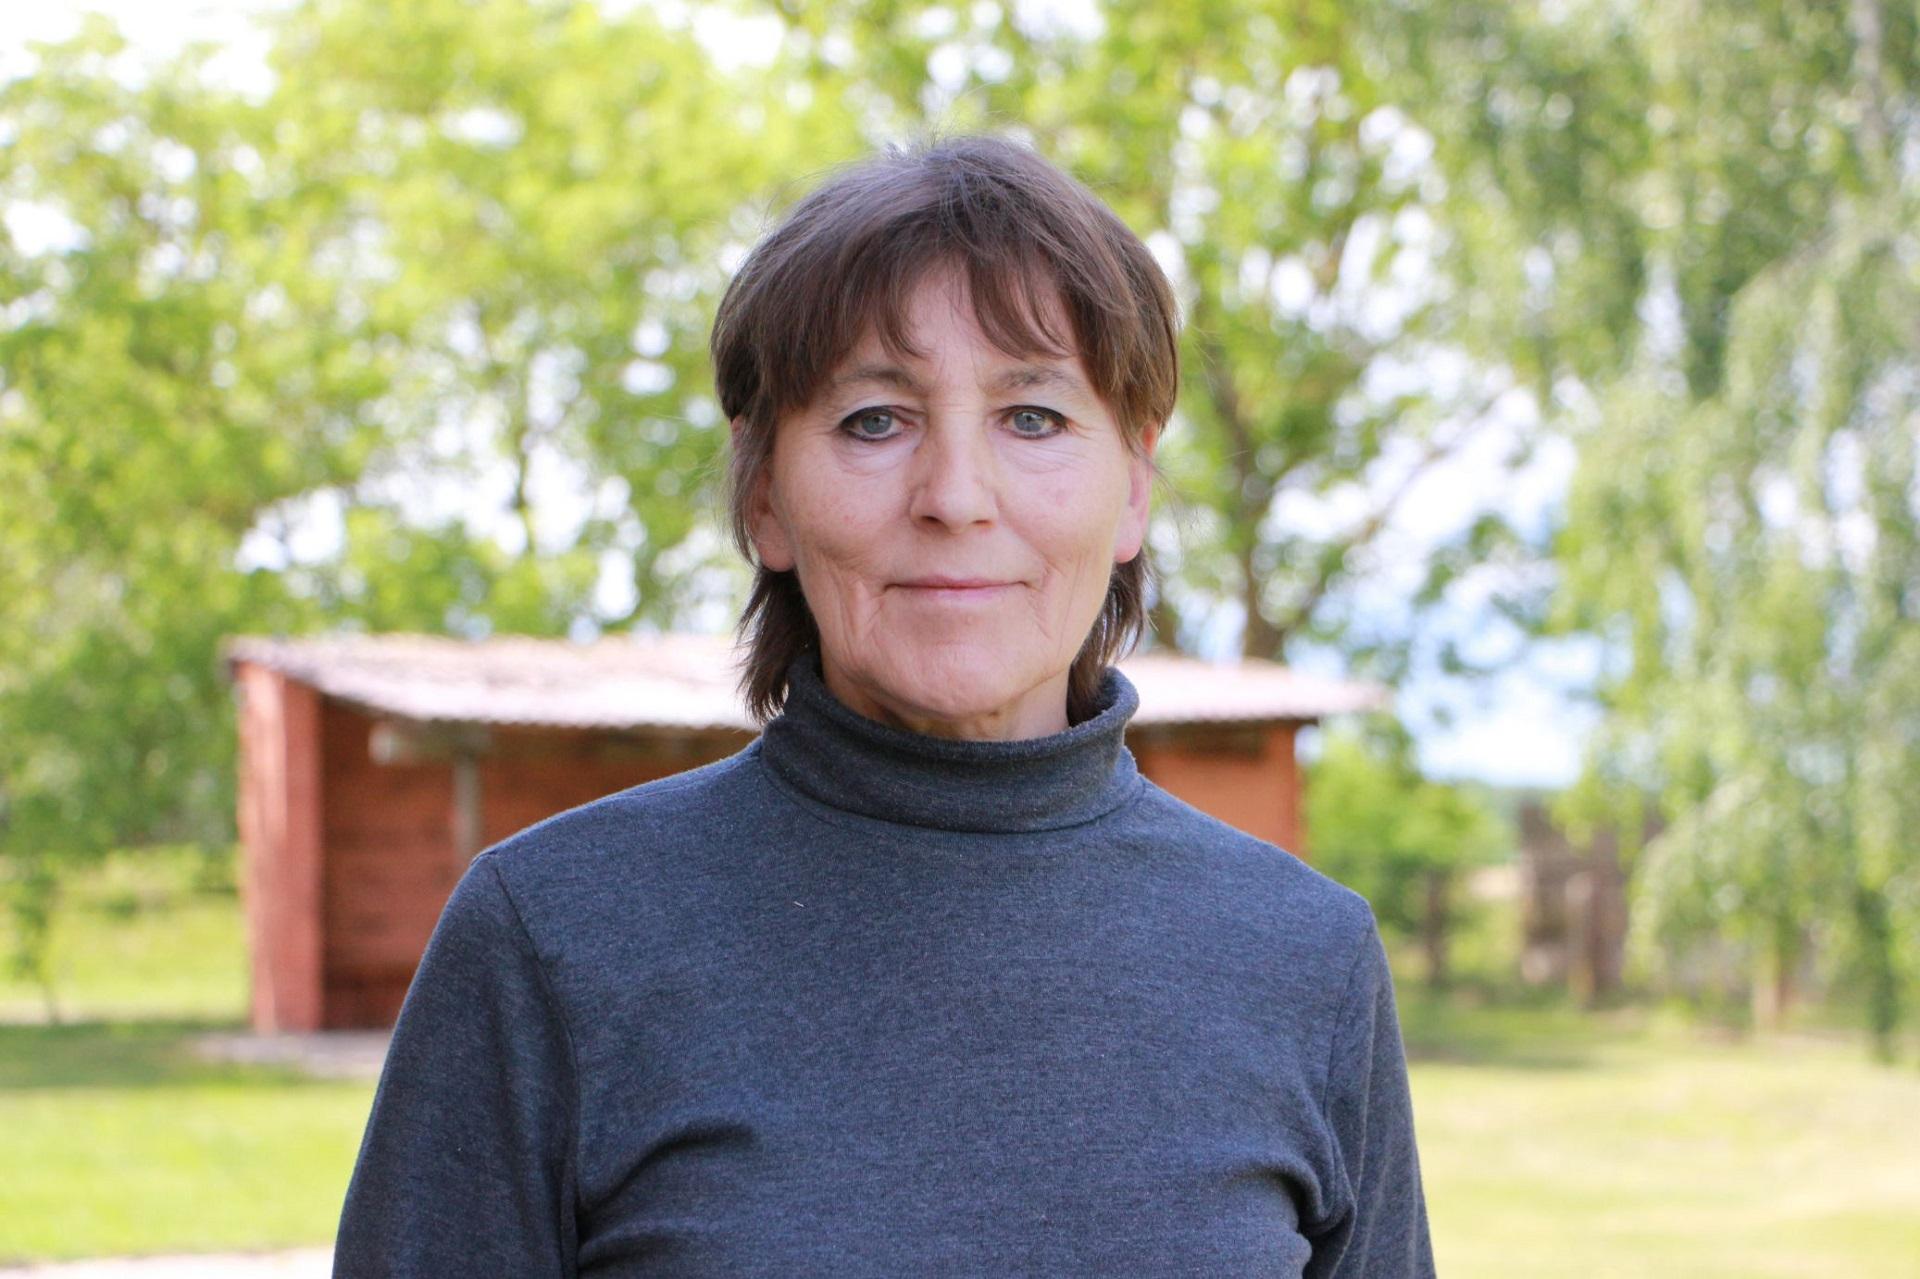 Kad ir kaip kaime bebūtų gerai dabar, Vanda Šimanskienė, kaip ir kiti kaimo gyventojai tikina, kad Petkūnai laikui bėgant labai pasikeitė.